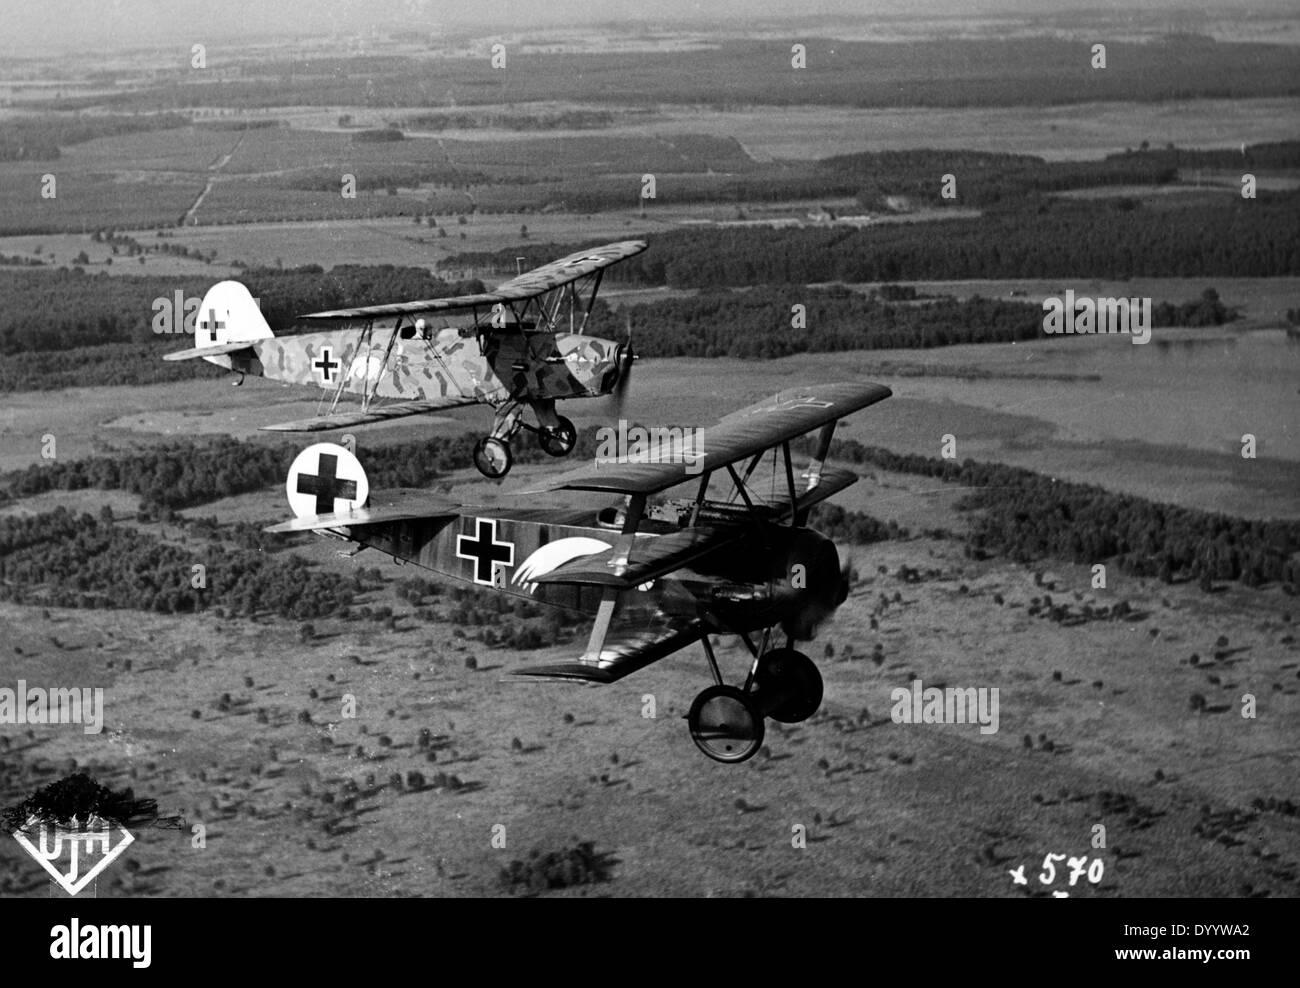 Photo Ernst Udet1896-1941,German flying ace,World War I,WWI,aviation